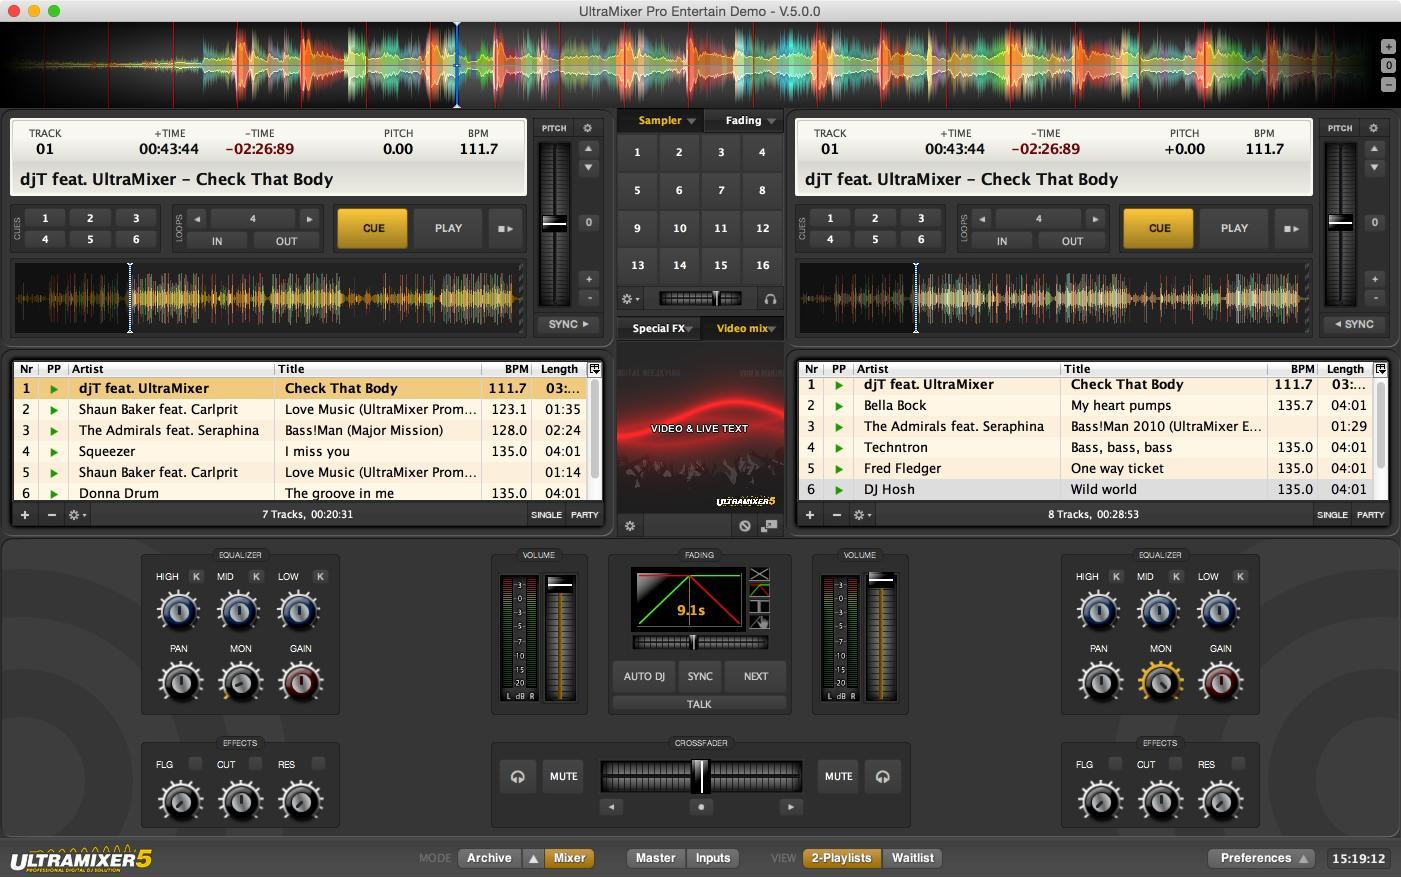 Download UltraMixer 5 Pro Entertain